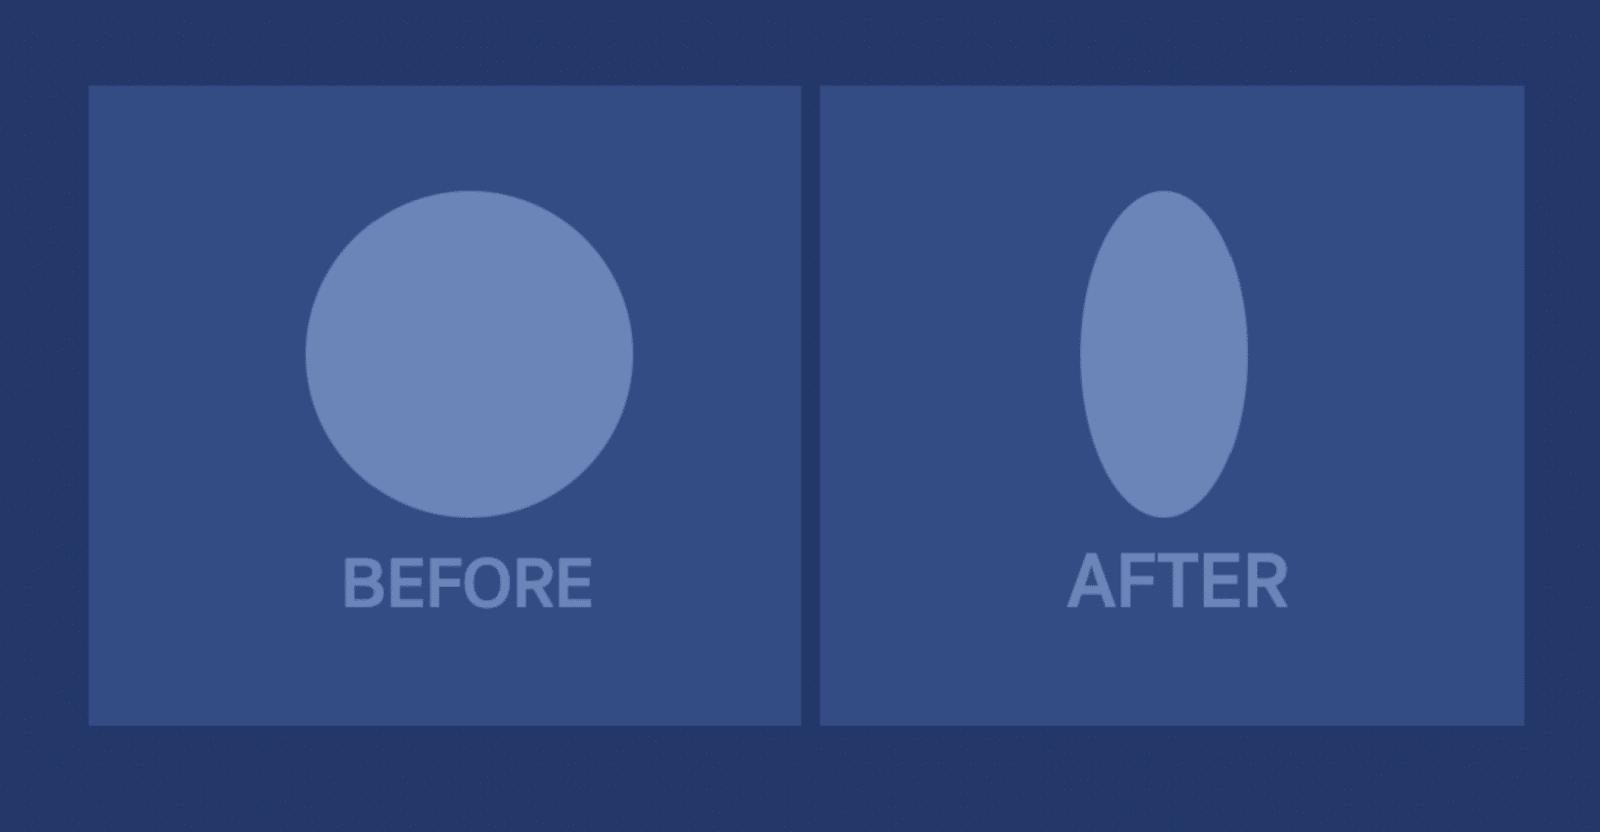 Facebook จะแสดงภาพแบบ Before, After สินค้าสุขภาพ ยาลดความอ้วน น้อยลง